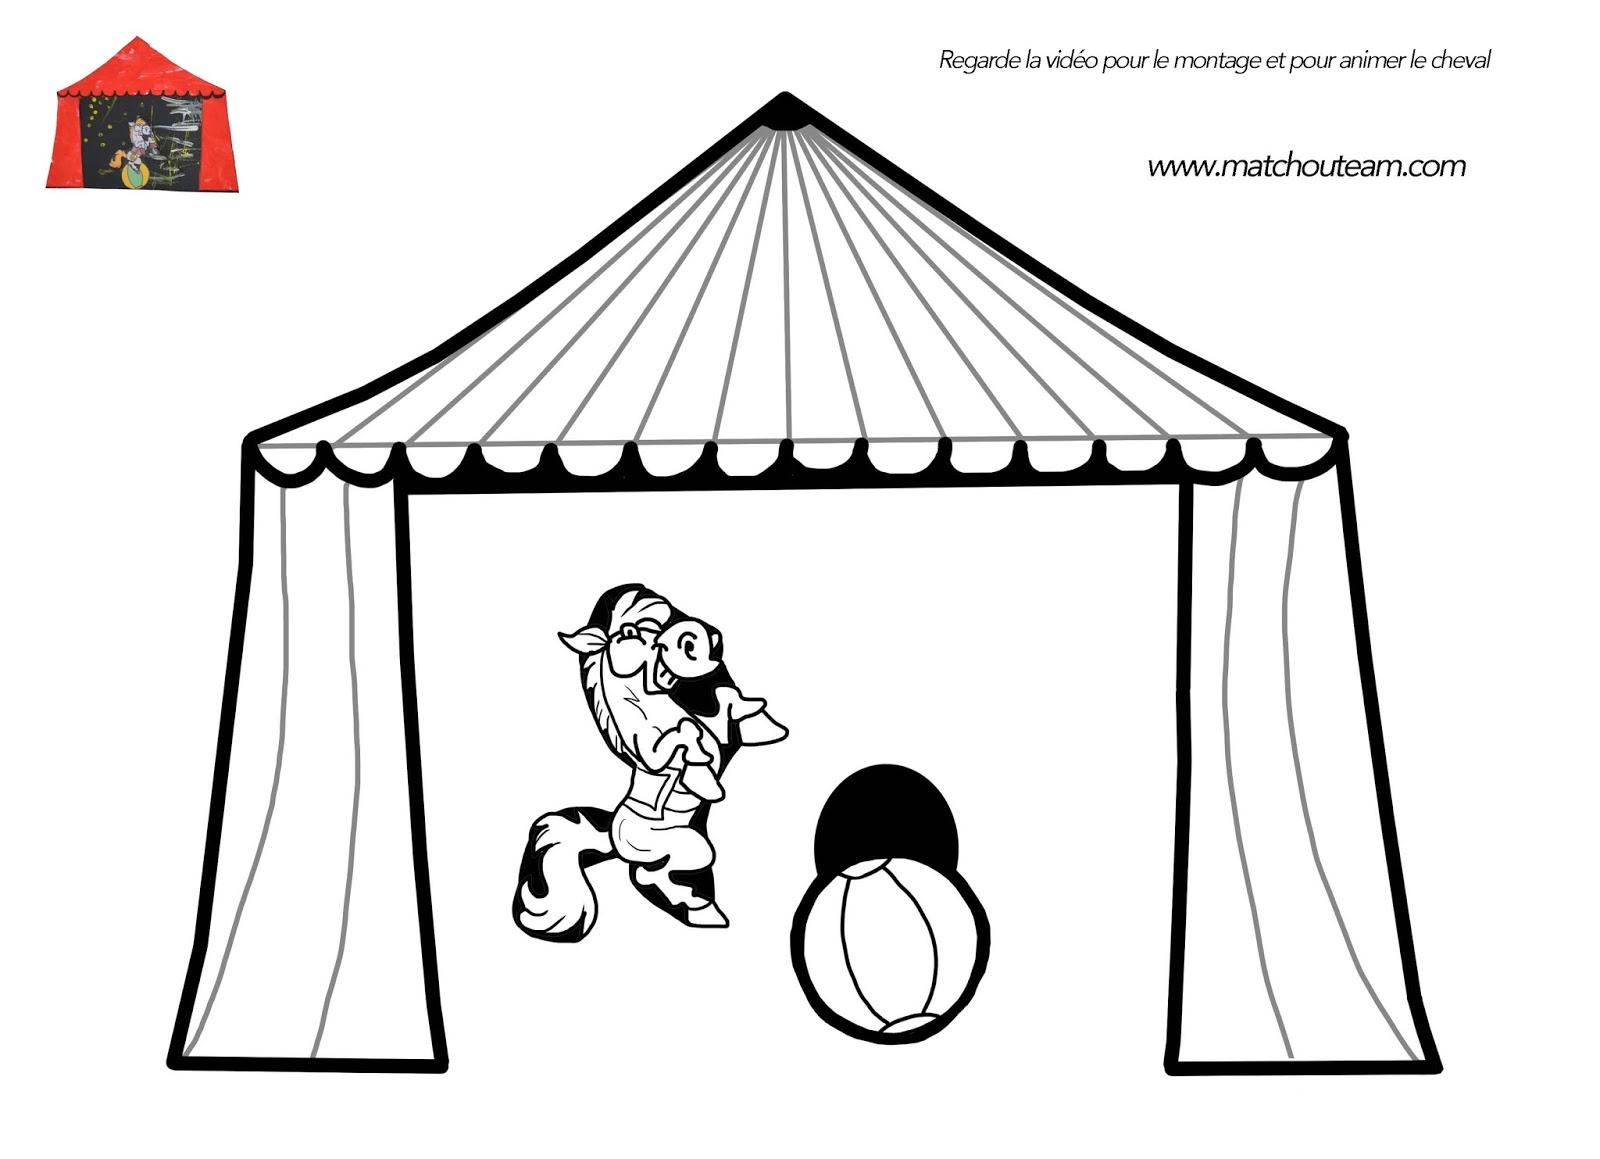 Coloriage Chapiteau Cirque Coloriage Cirque  imprimer Coloriages Divers